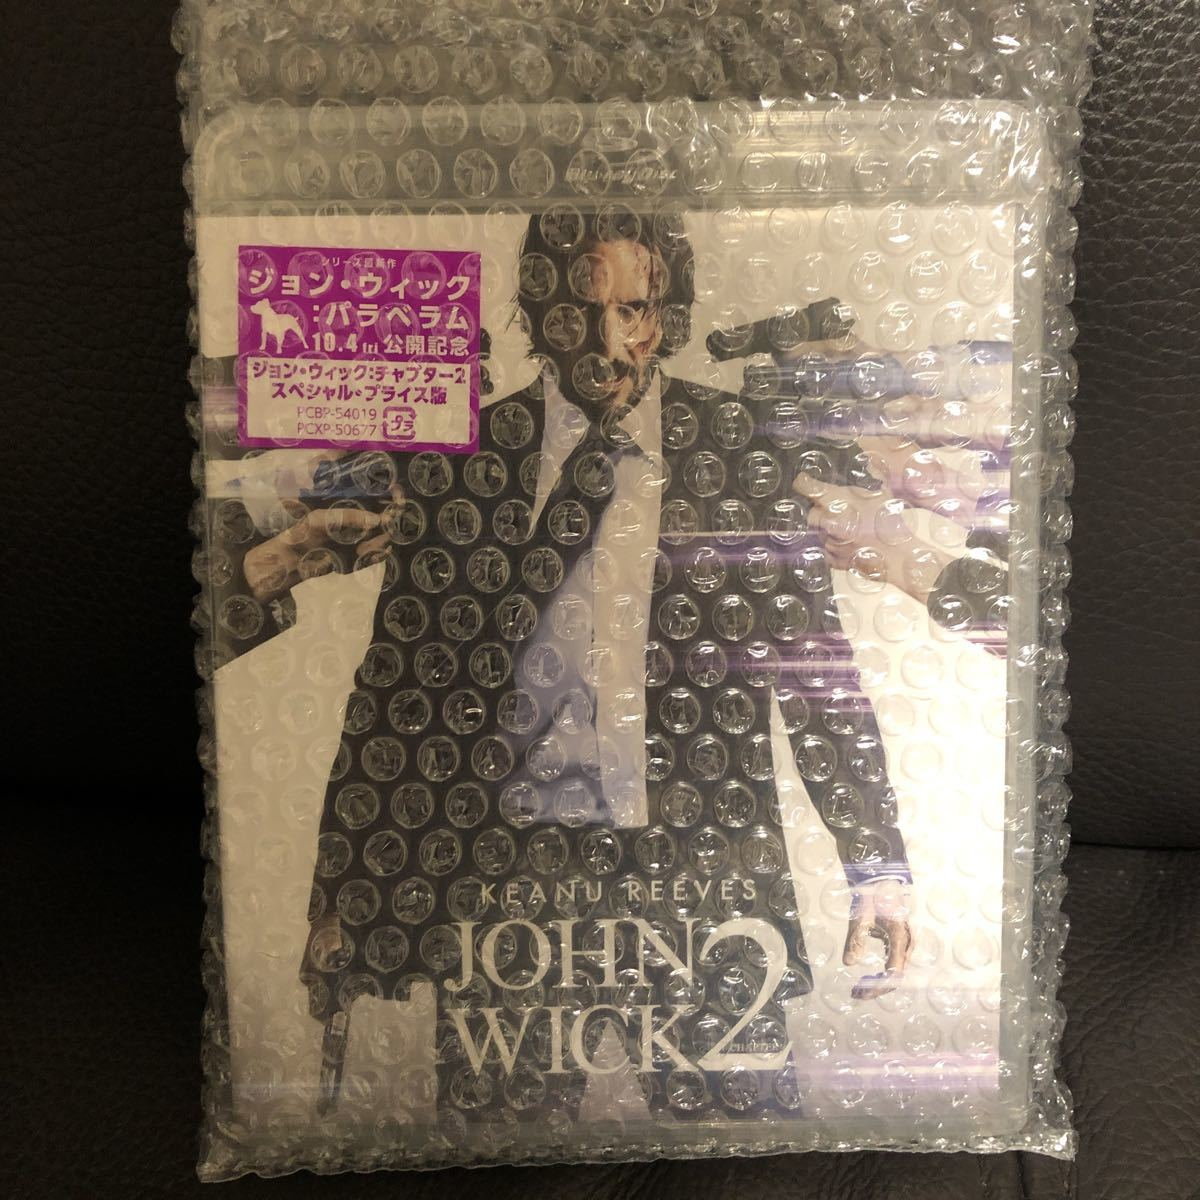 【新品】ジョン・ウィック:チャプター2 ブルーレイ Blu-ray キアヌ・リーブス